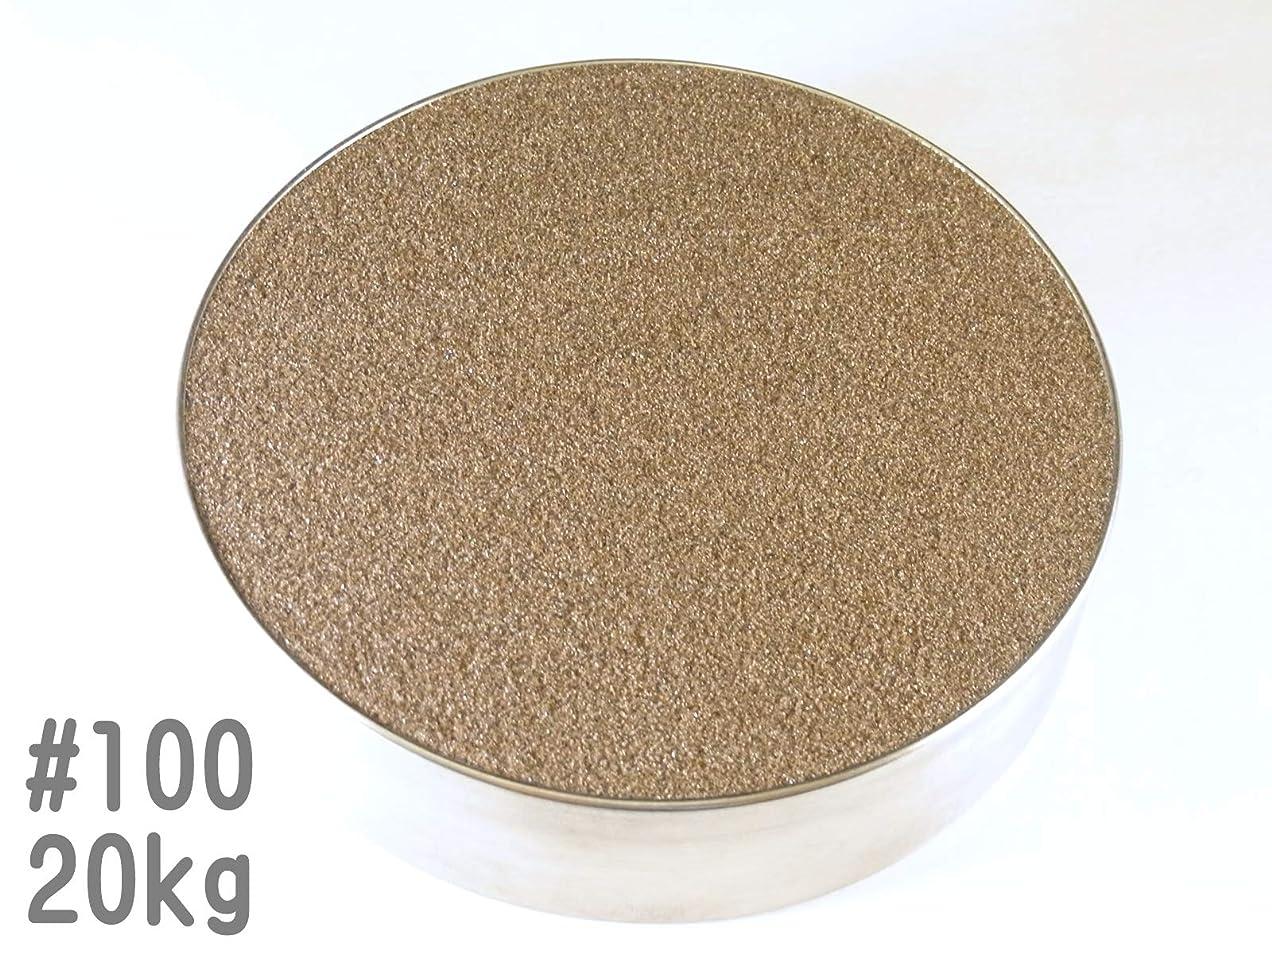 できれば細部#100 (20kg) アルミナサンド/アルミナメディア/砂/褐色アルミナ サンドブラスト用(番手サイズは7種類から #40#60#80#100#120#180#220 )a100-20-③